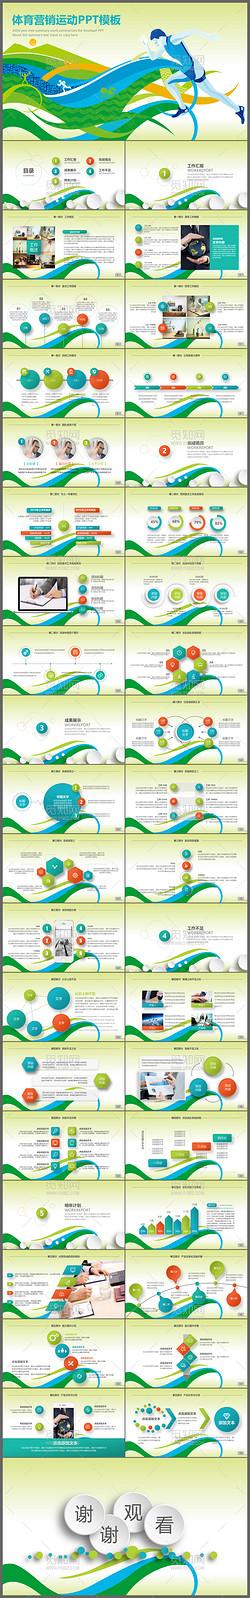 体育营销运动比赛营销策划动画PPT模板